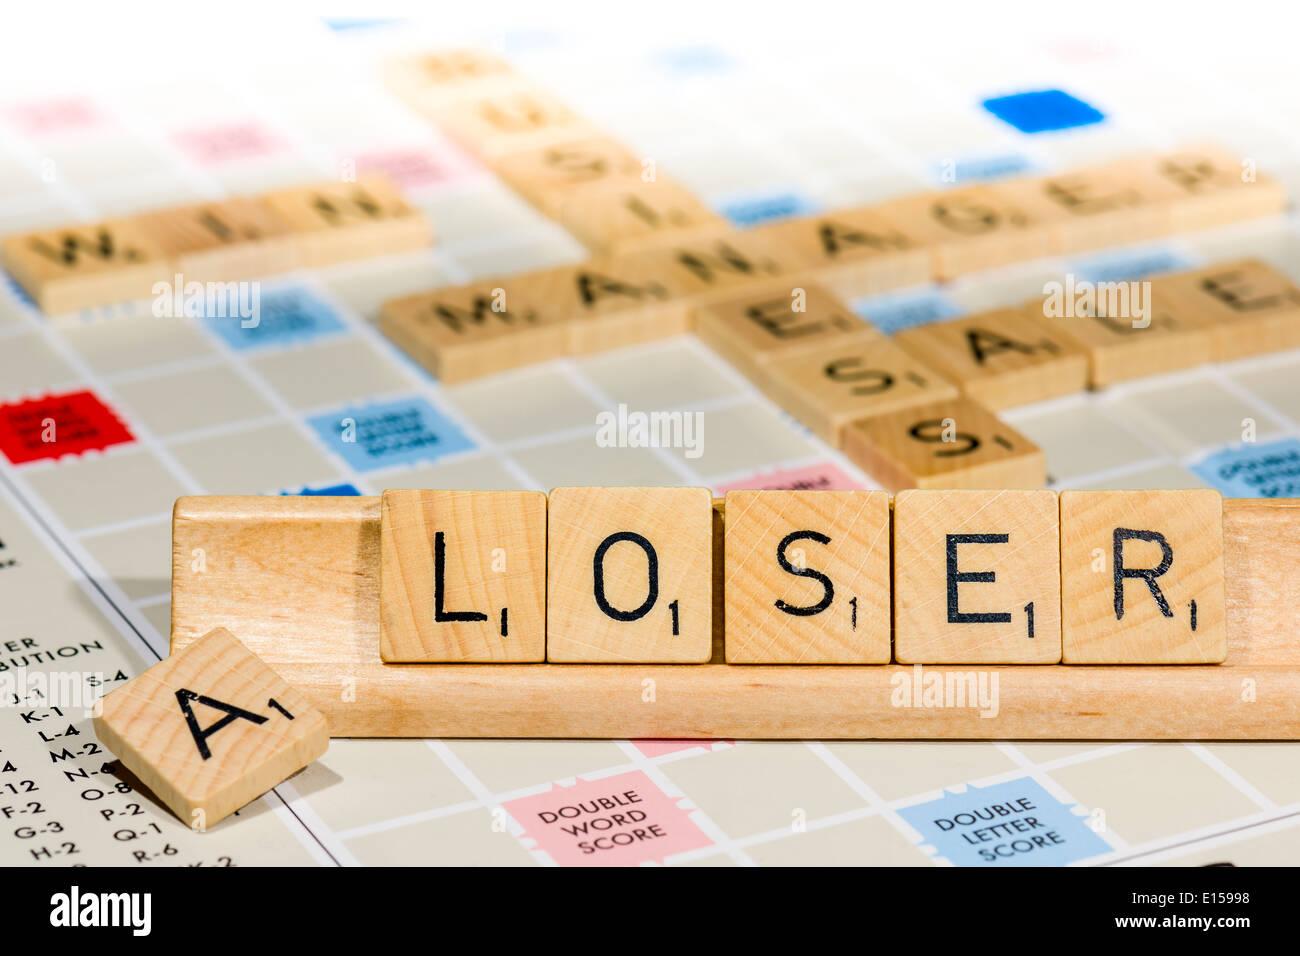 Scrabble - A Loser - Stock Image